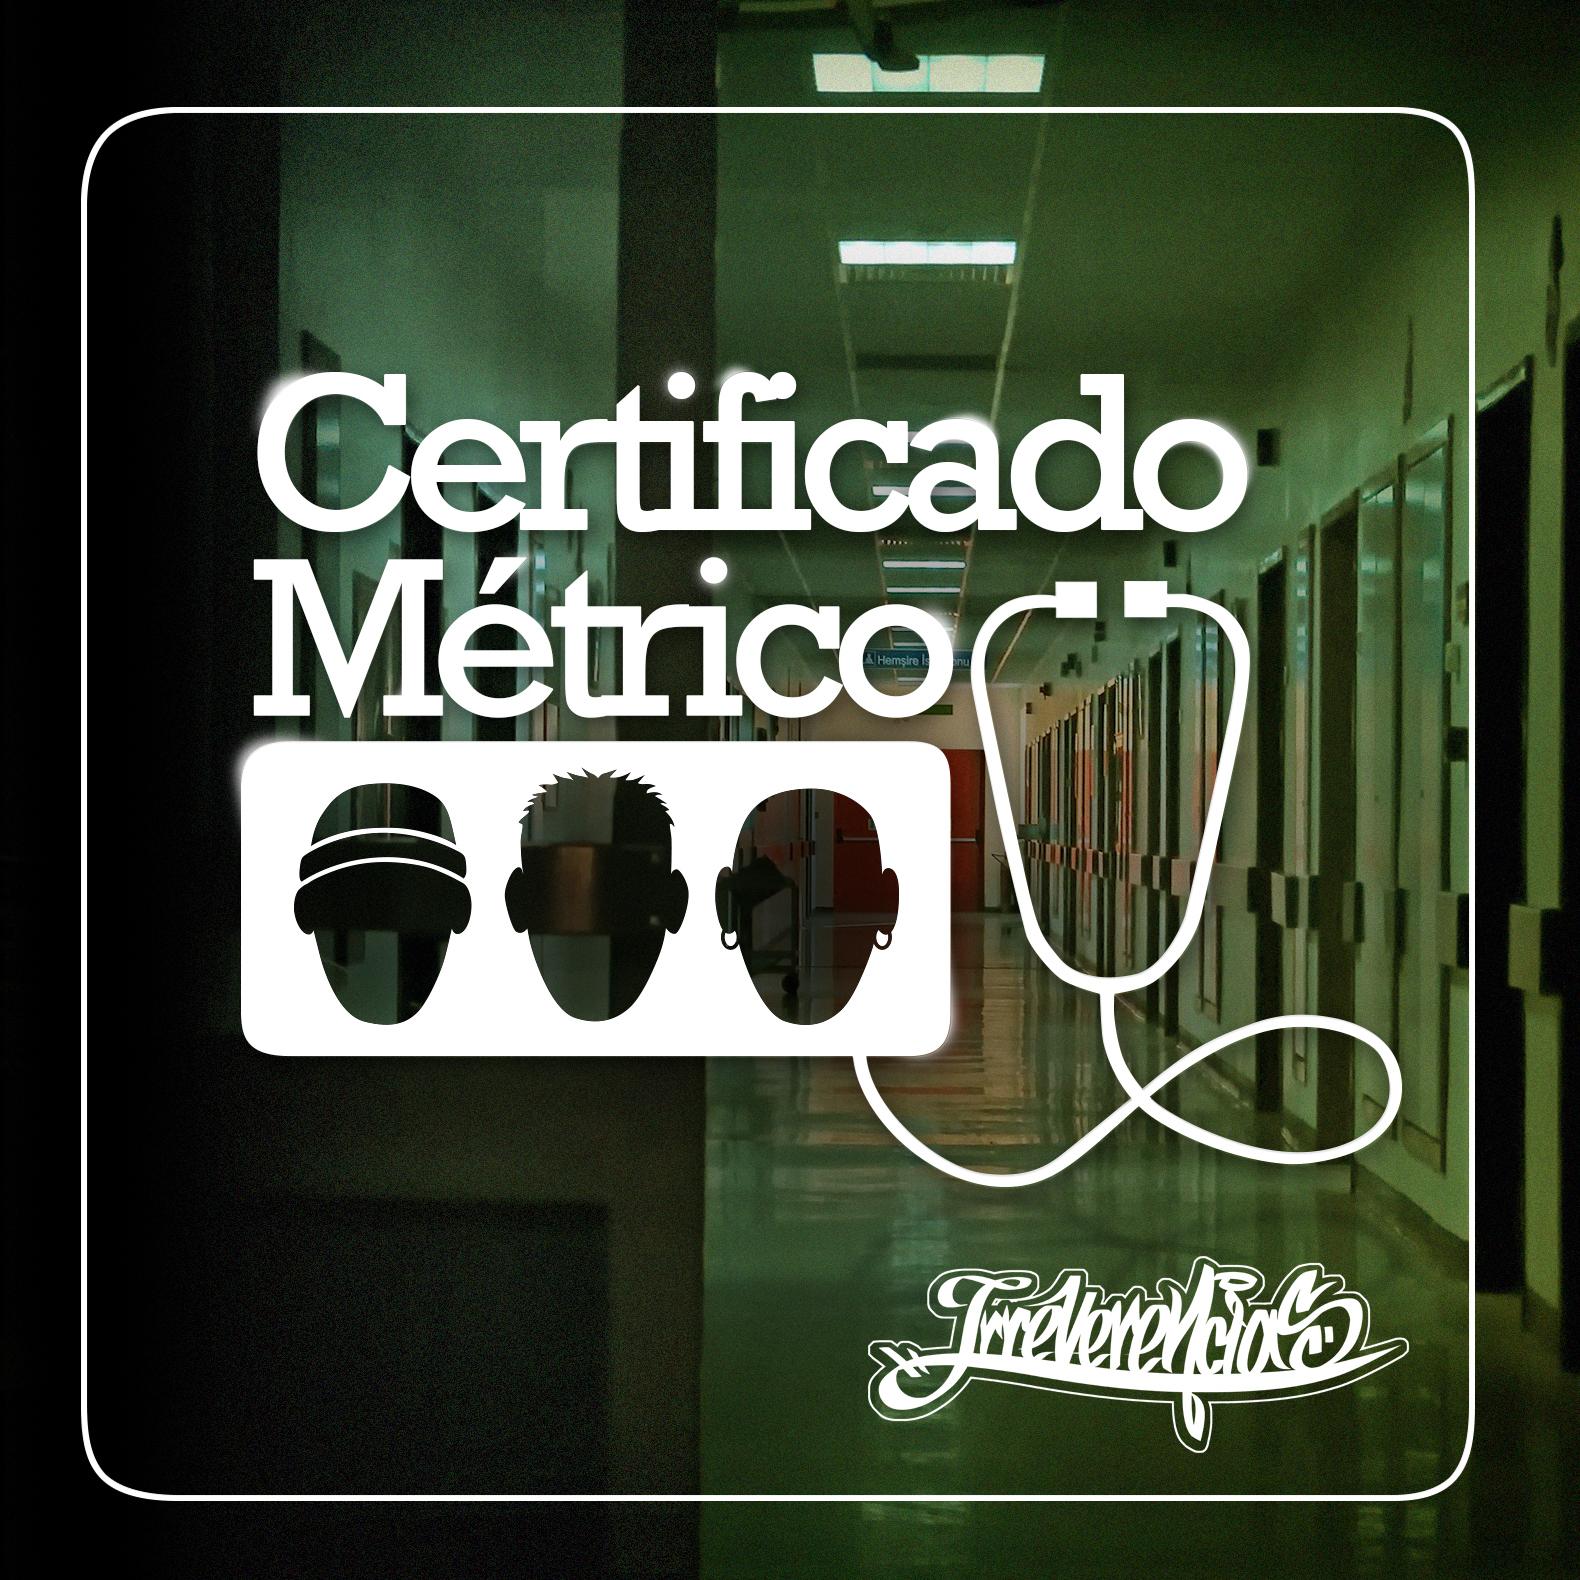 certificado metrico frontal